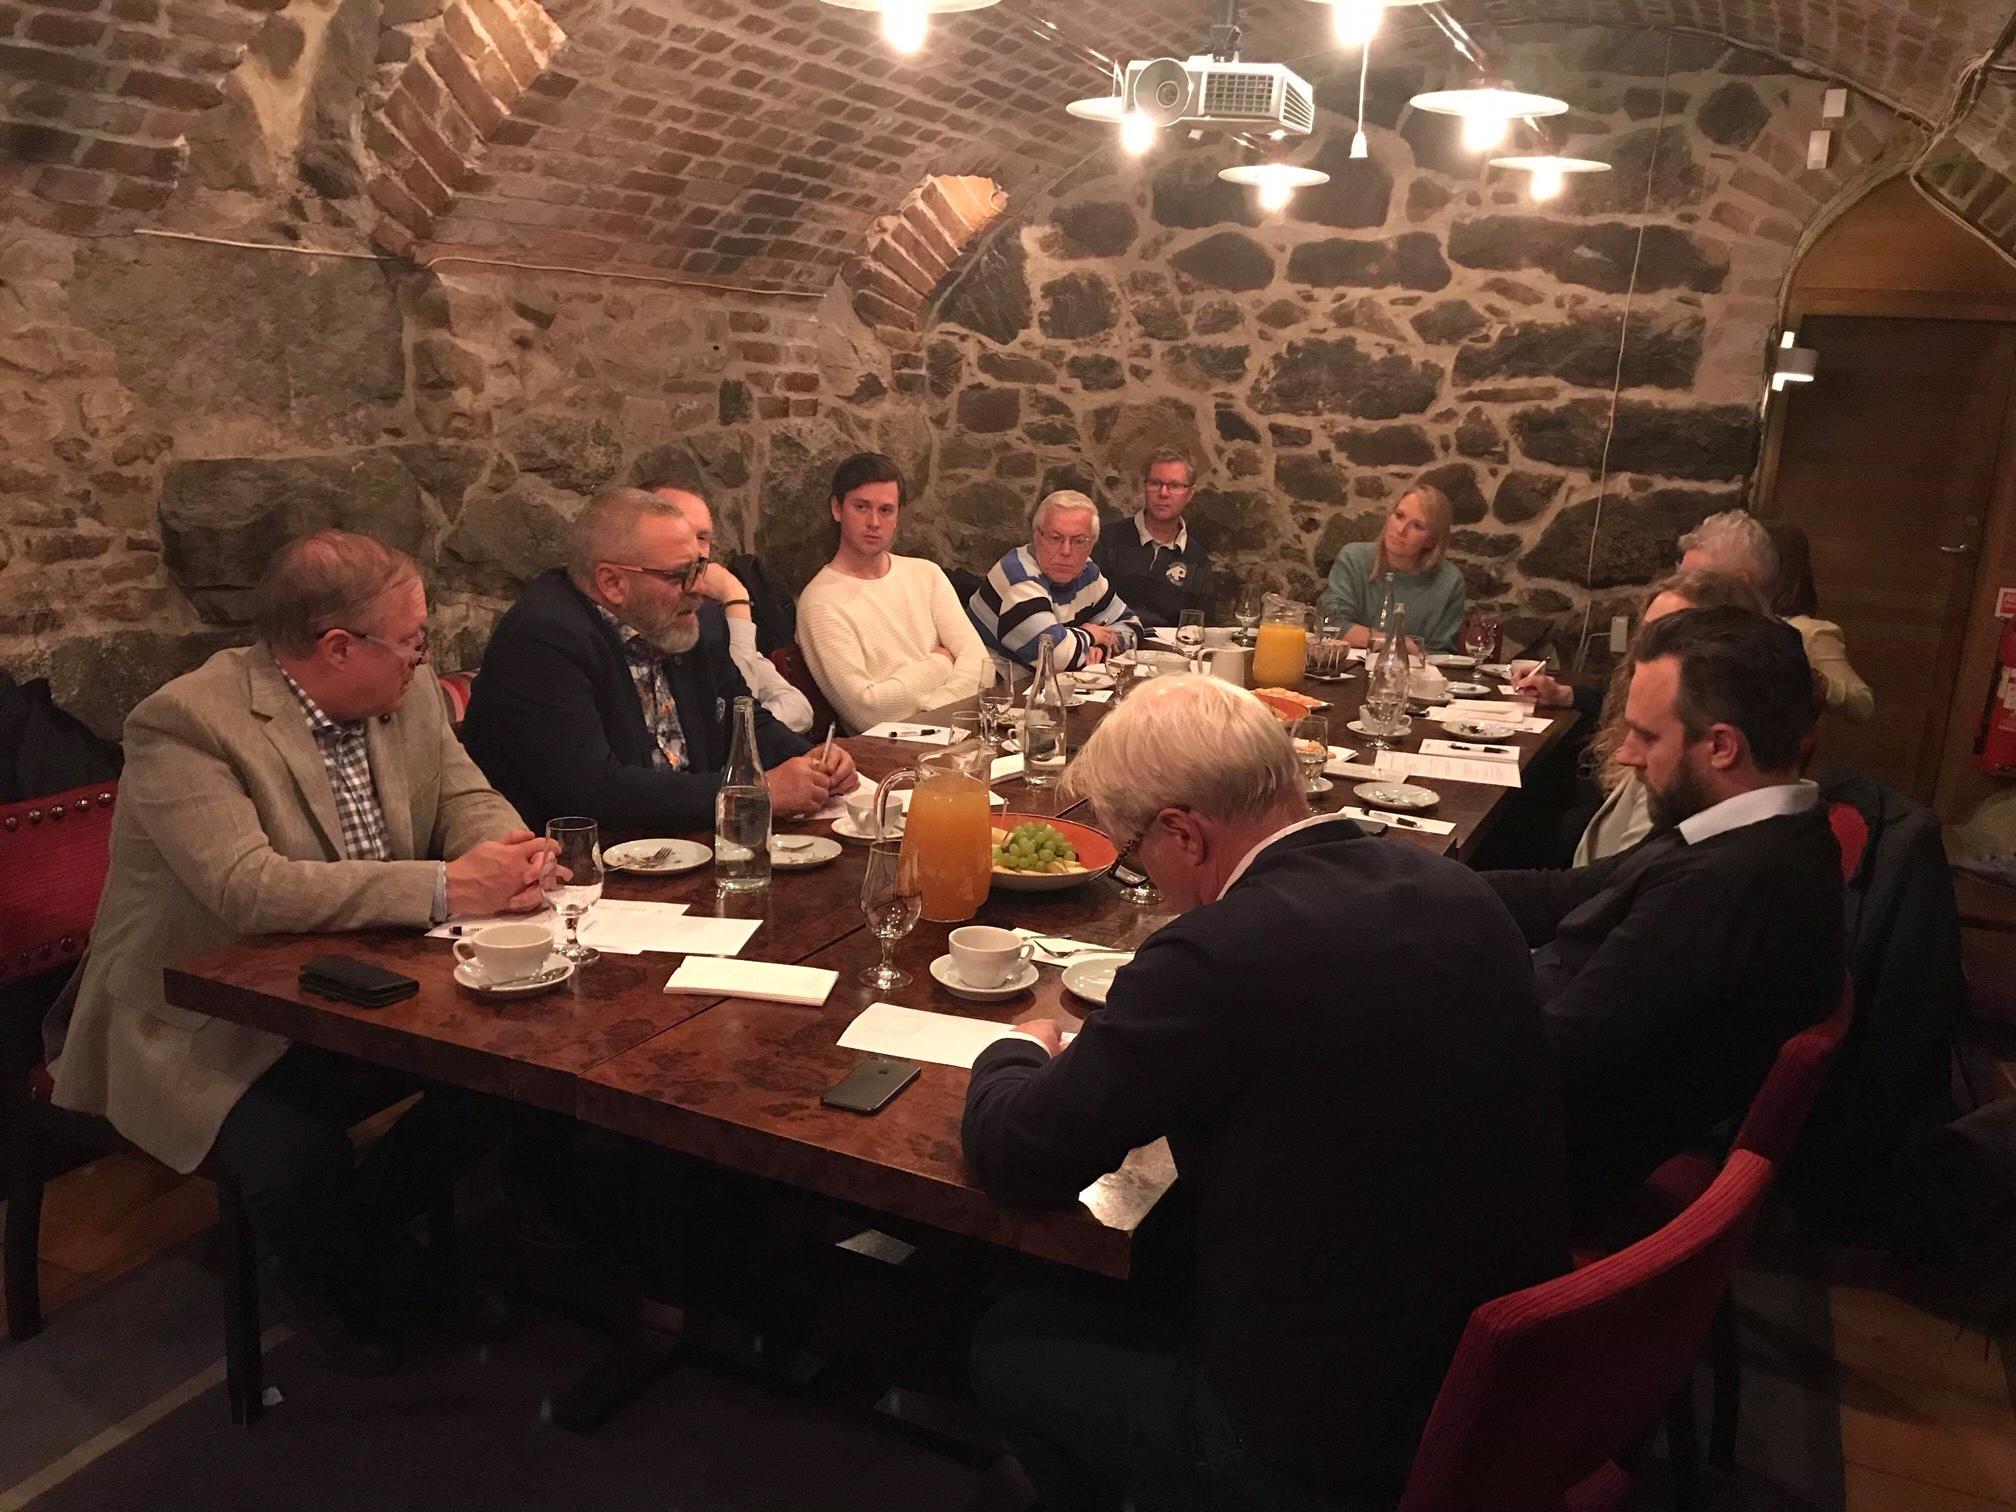 Det nordiske møtet ble holdt i Pressklubben i Stockholm sentrum. Sveriges Lisa Edwinsson ved enden av bordet, ledet møtet. FOTO: Gunnar Grindstein